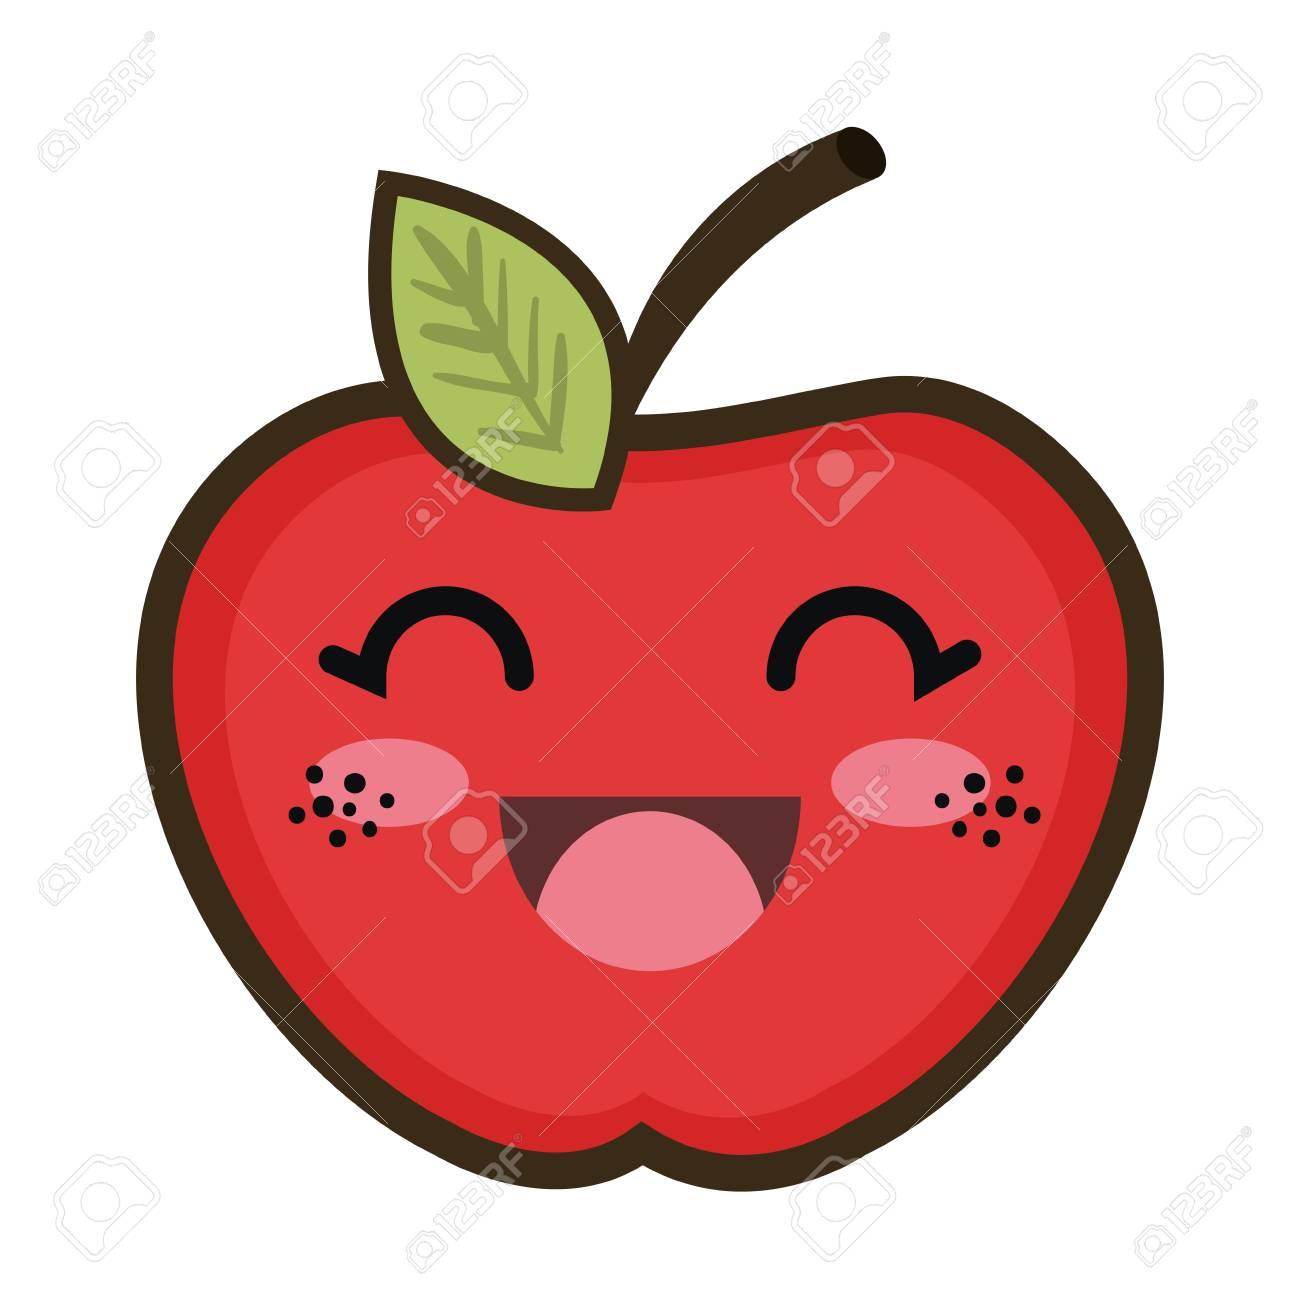 Comida Vermelha De Frutas De Maçã Desenhos Animados Kawaii Com Expressão De Expressão Feliz Ilustração Vetorial